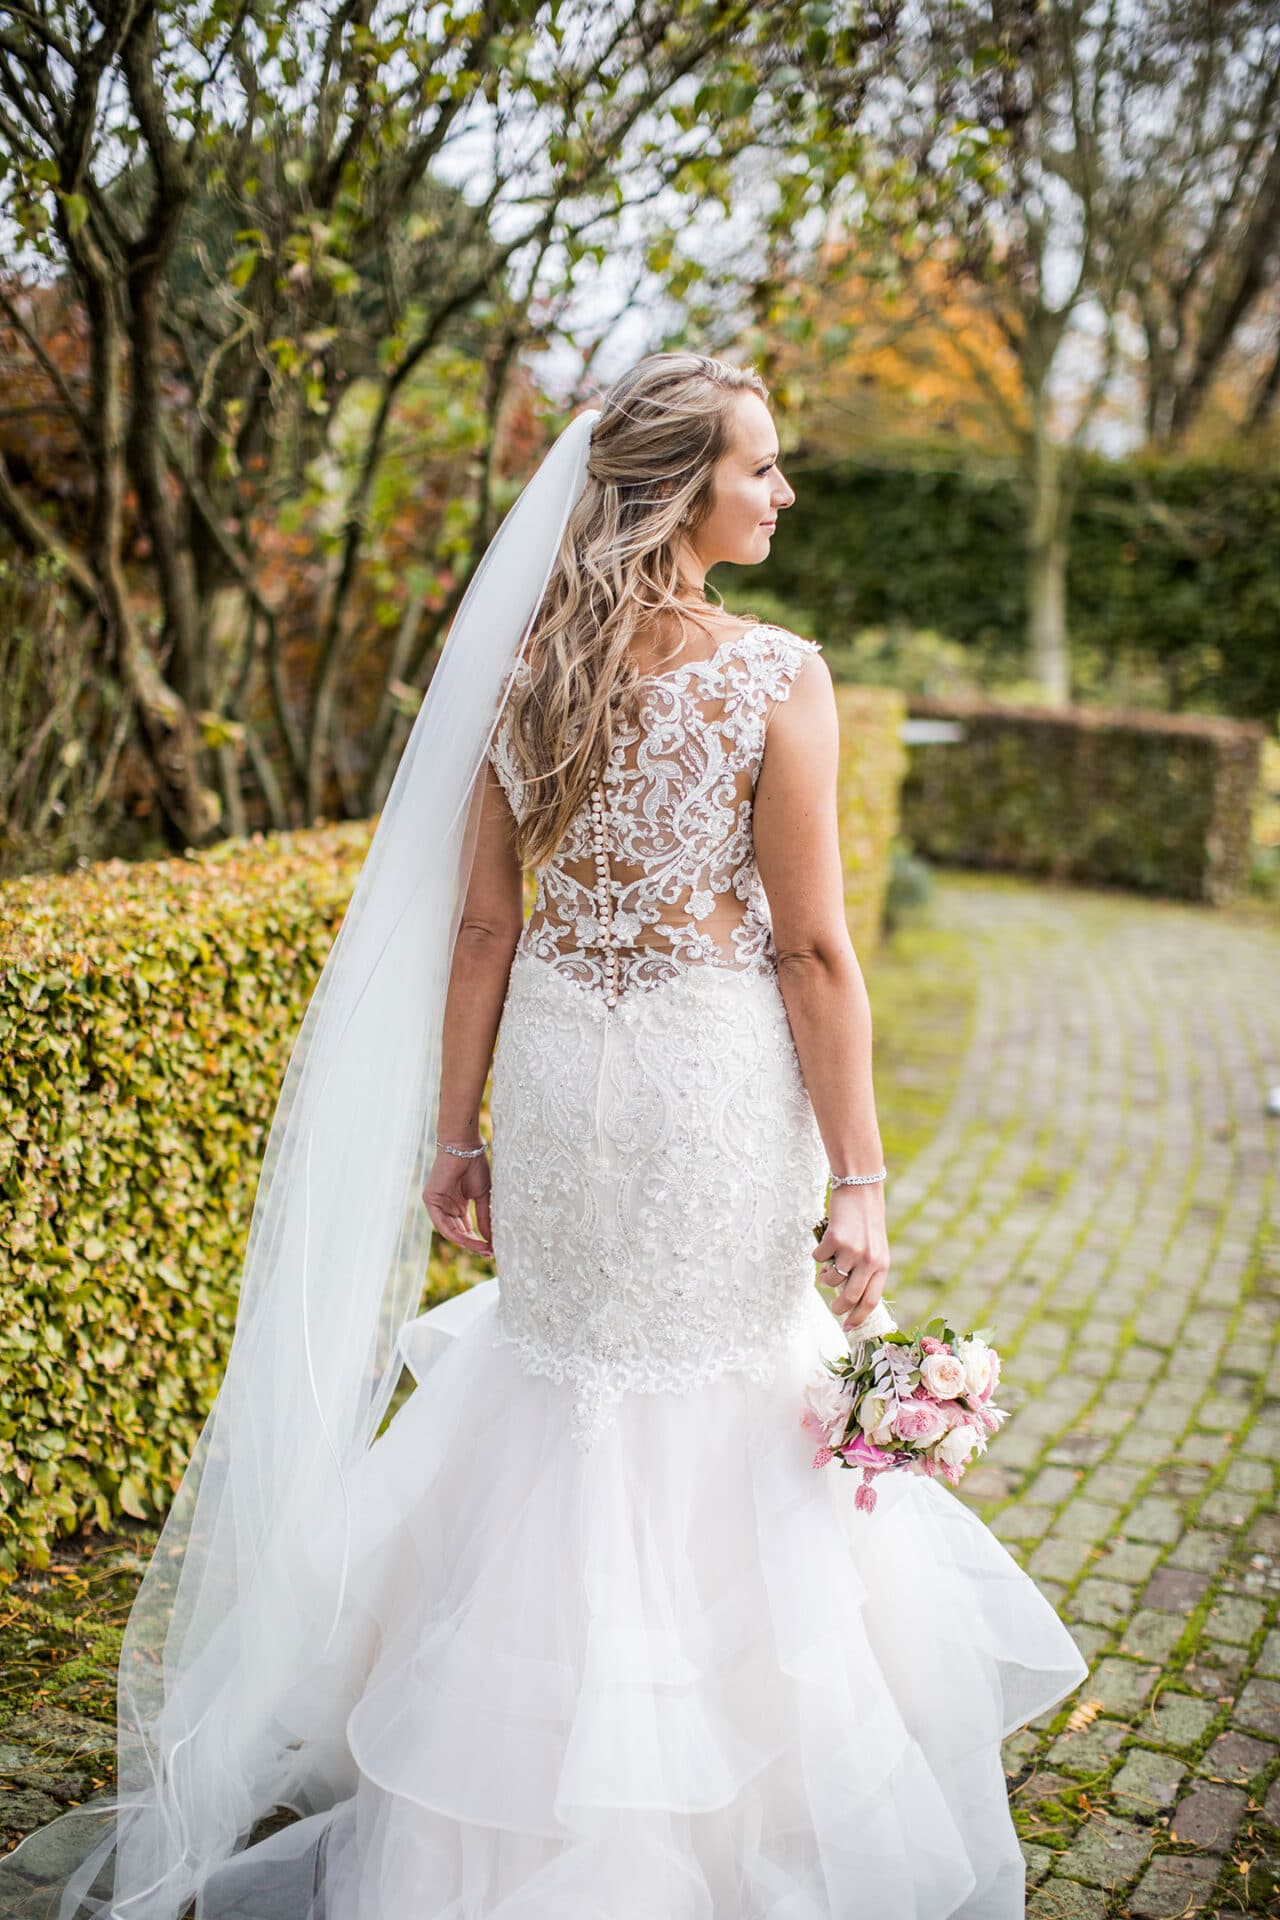 Bruid met zeemeermin jurk